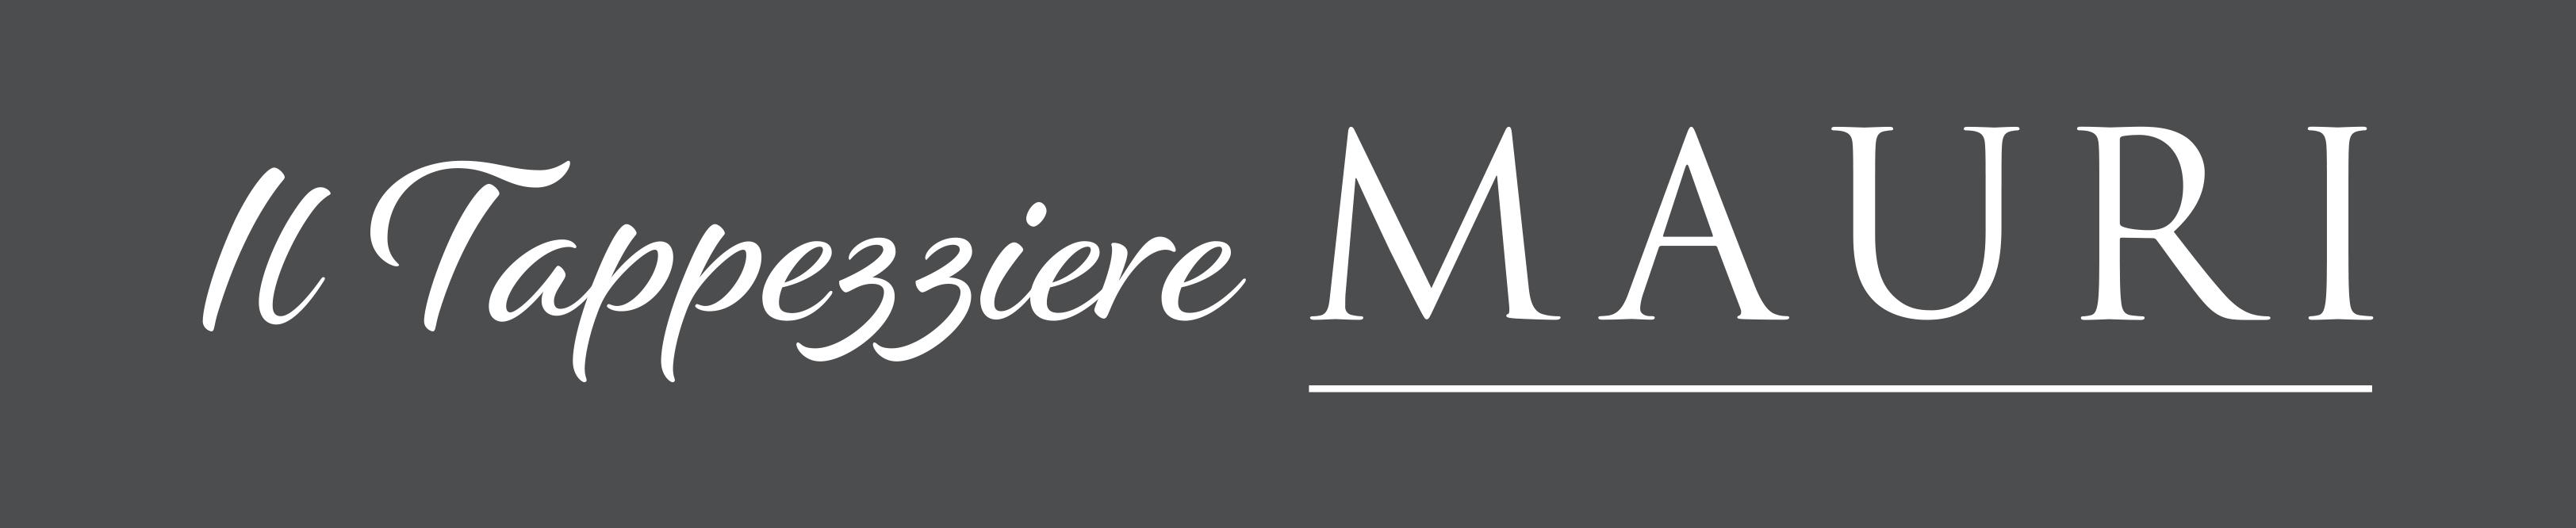 Forniture Per Tappezzieri Milano web agency milano - lu3g | case history: il tappezziere mauri